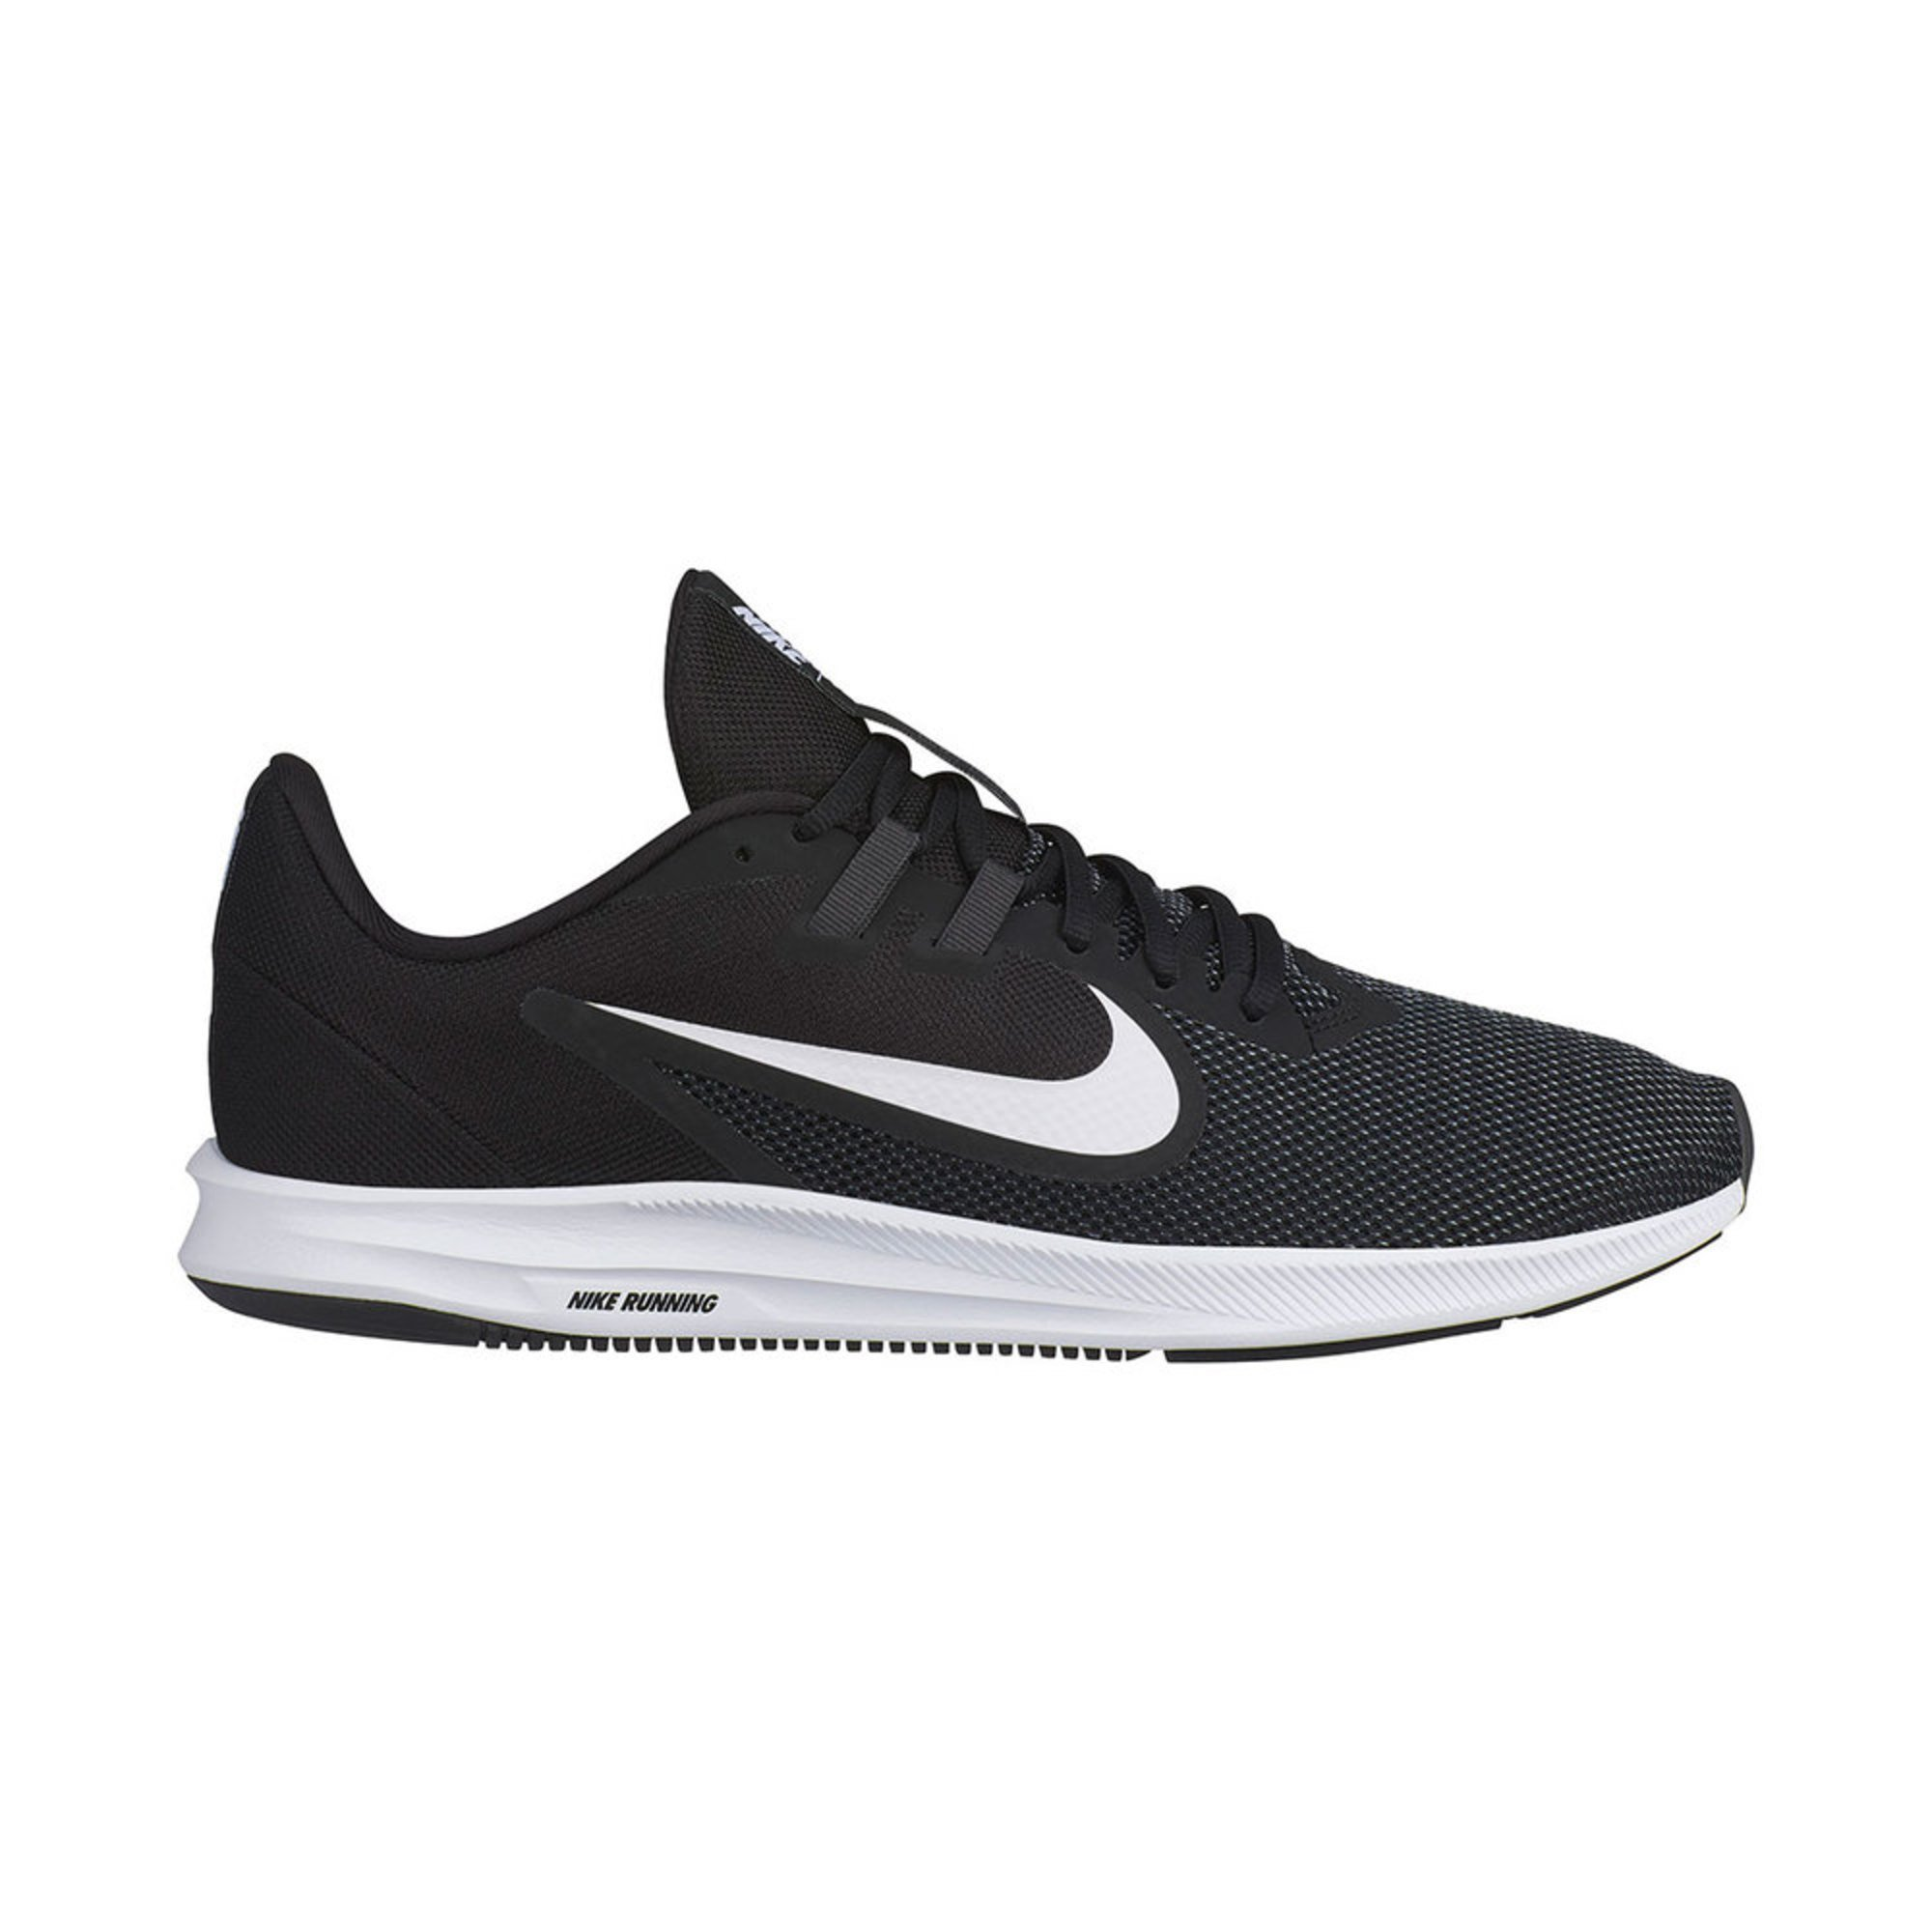 81e56bd1750 Nike Men s Downshifter 9 Running Shoe